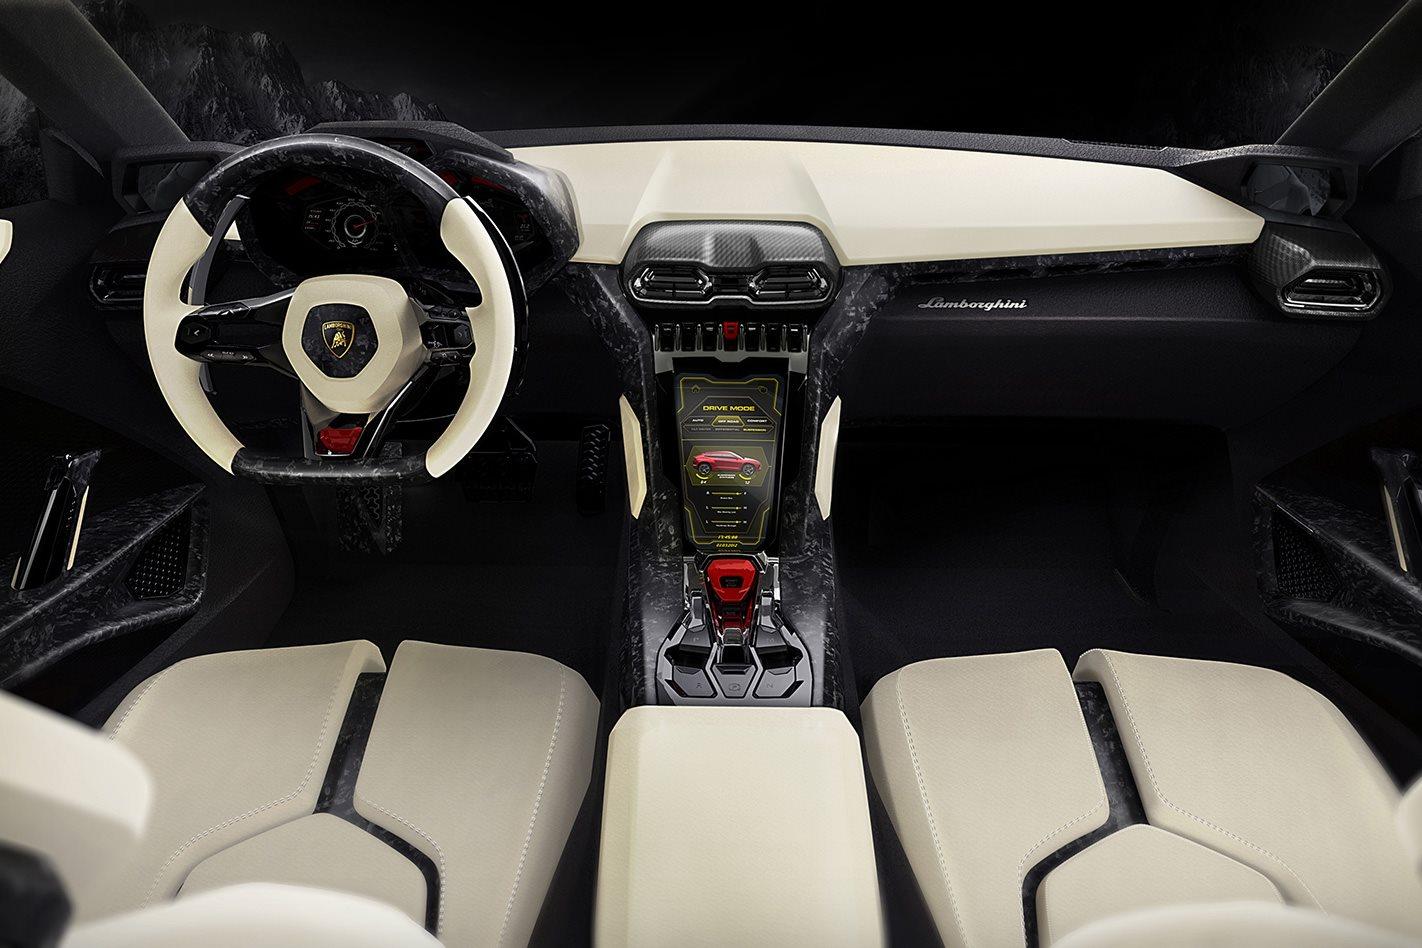 2011 Lamborghini Urus concept interior